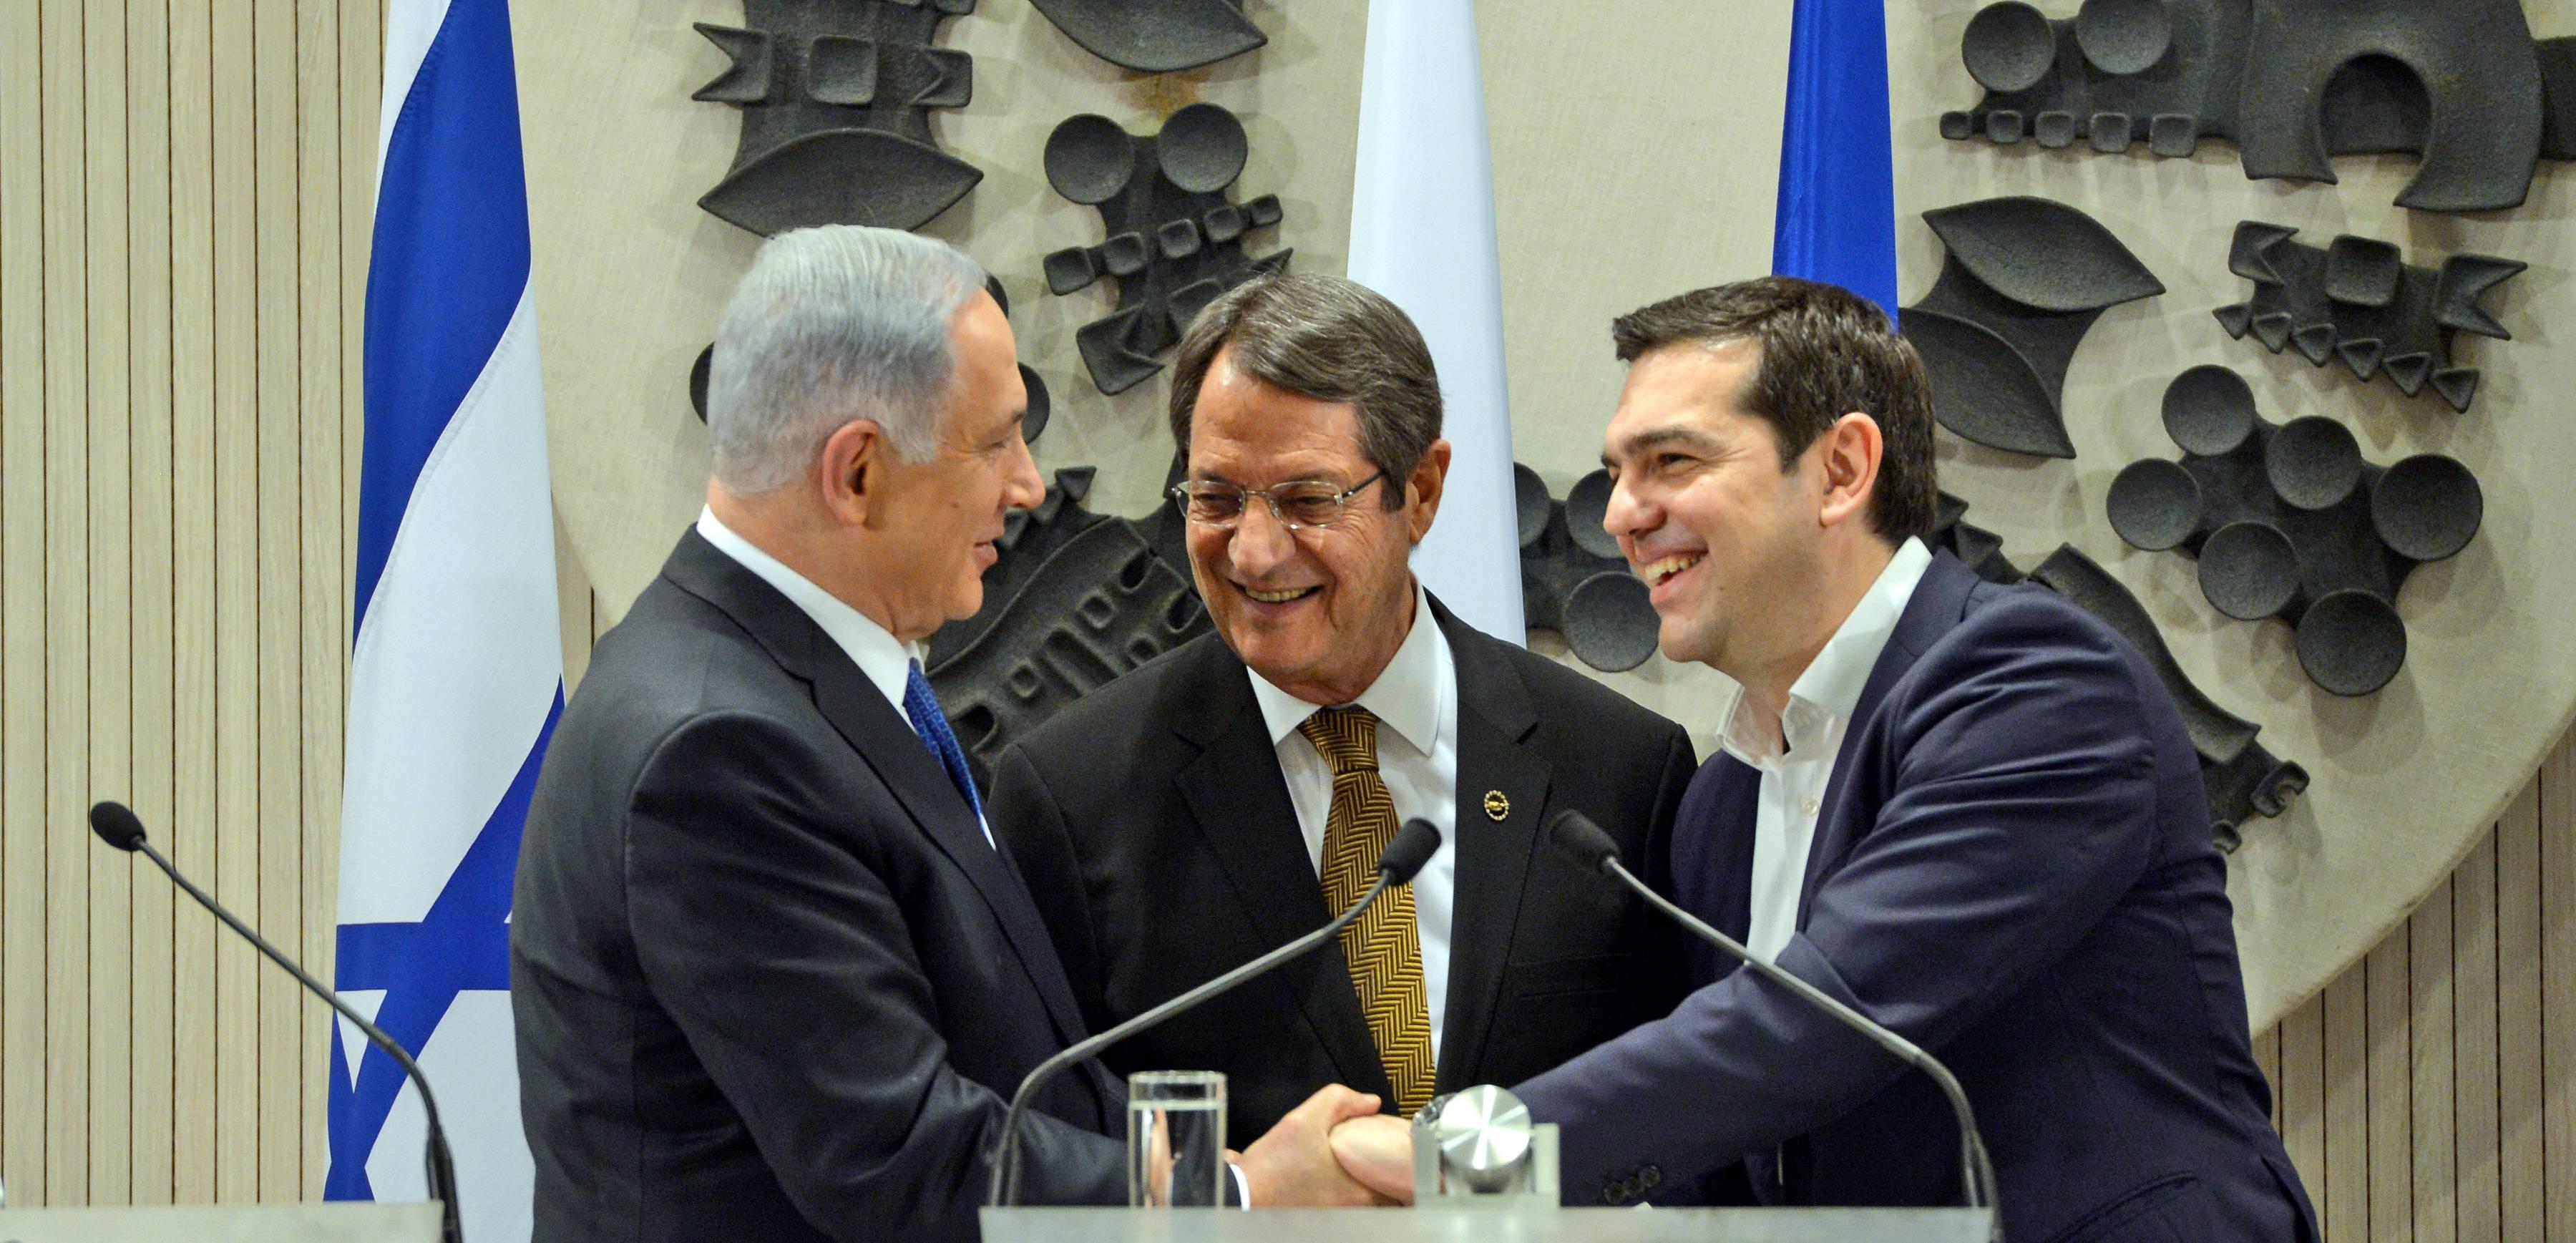 פגישה משולשת בין ראש הממשלה בנימין נתניהו עם נשיא קפריסין ניקוס אנסטסיאדיס וראש הממשלה של יוון אלכסיס ציפראס בניקוסיה קפריסין